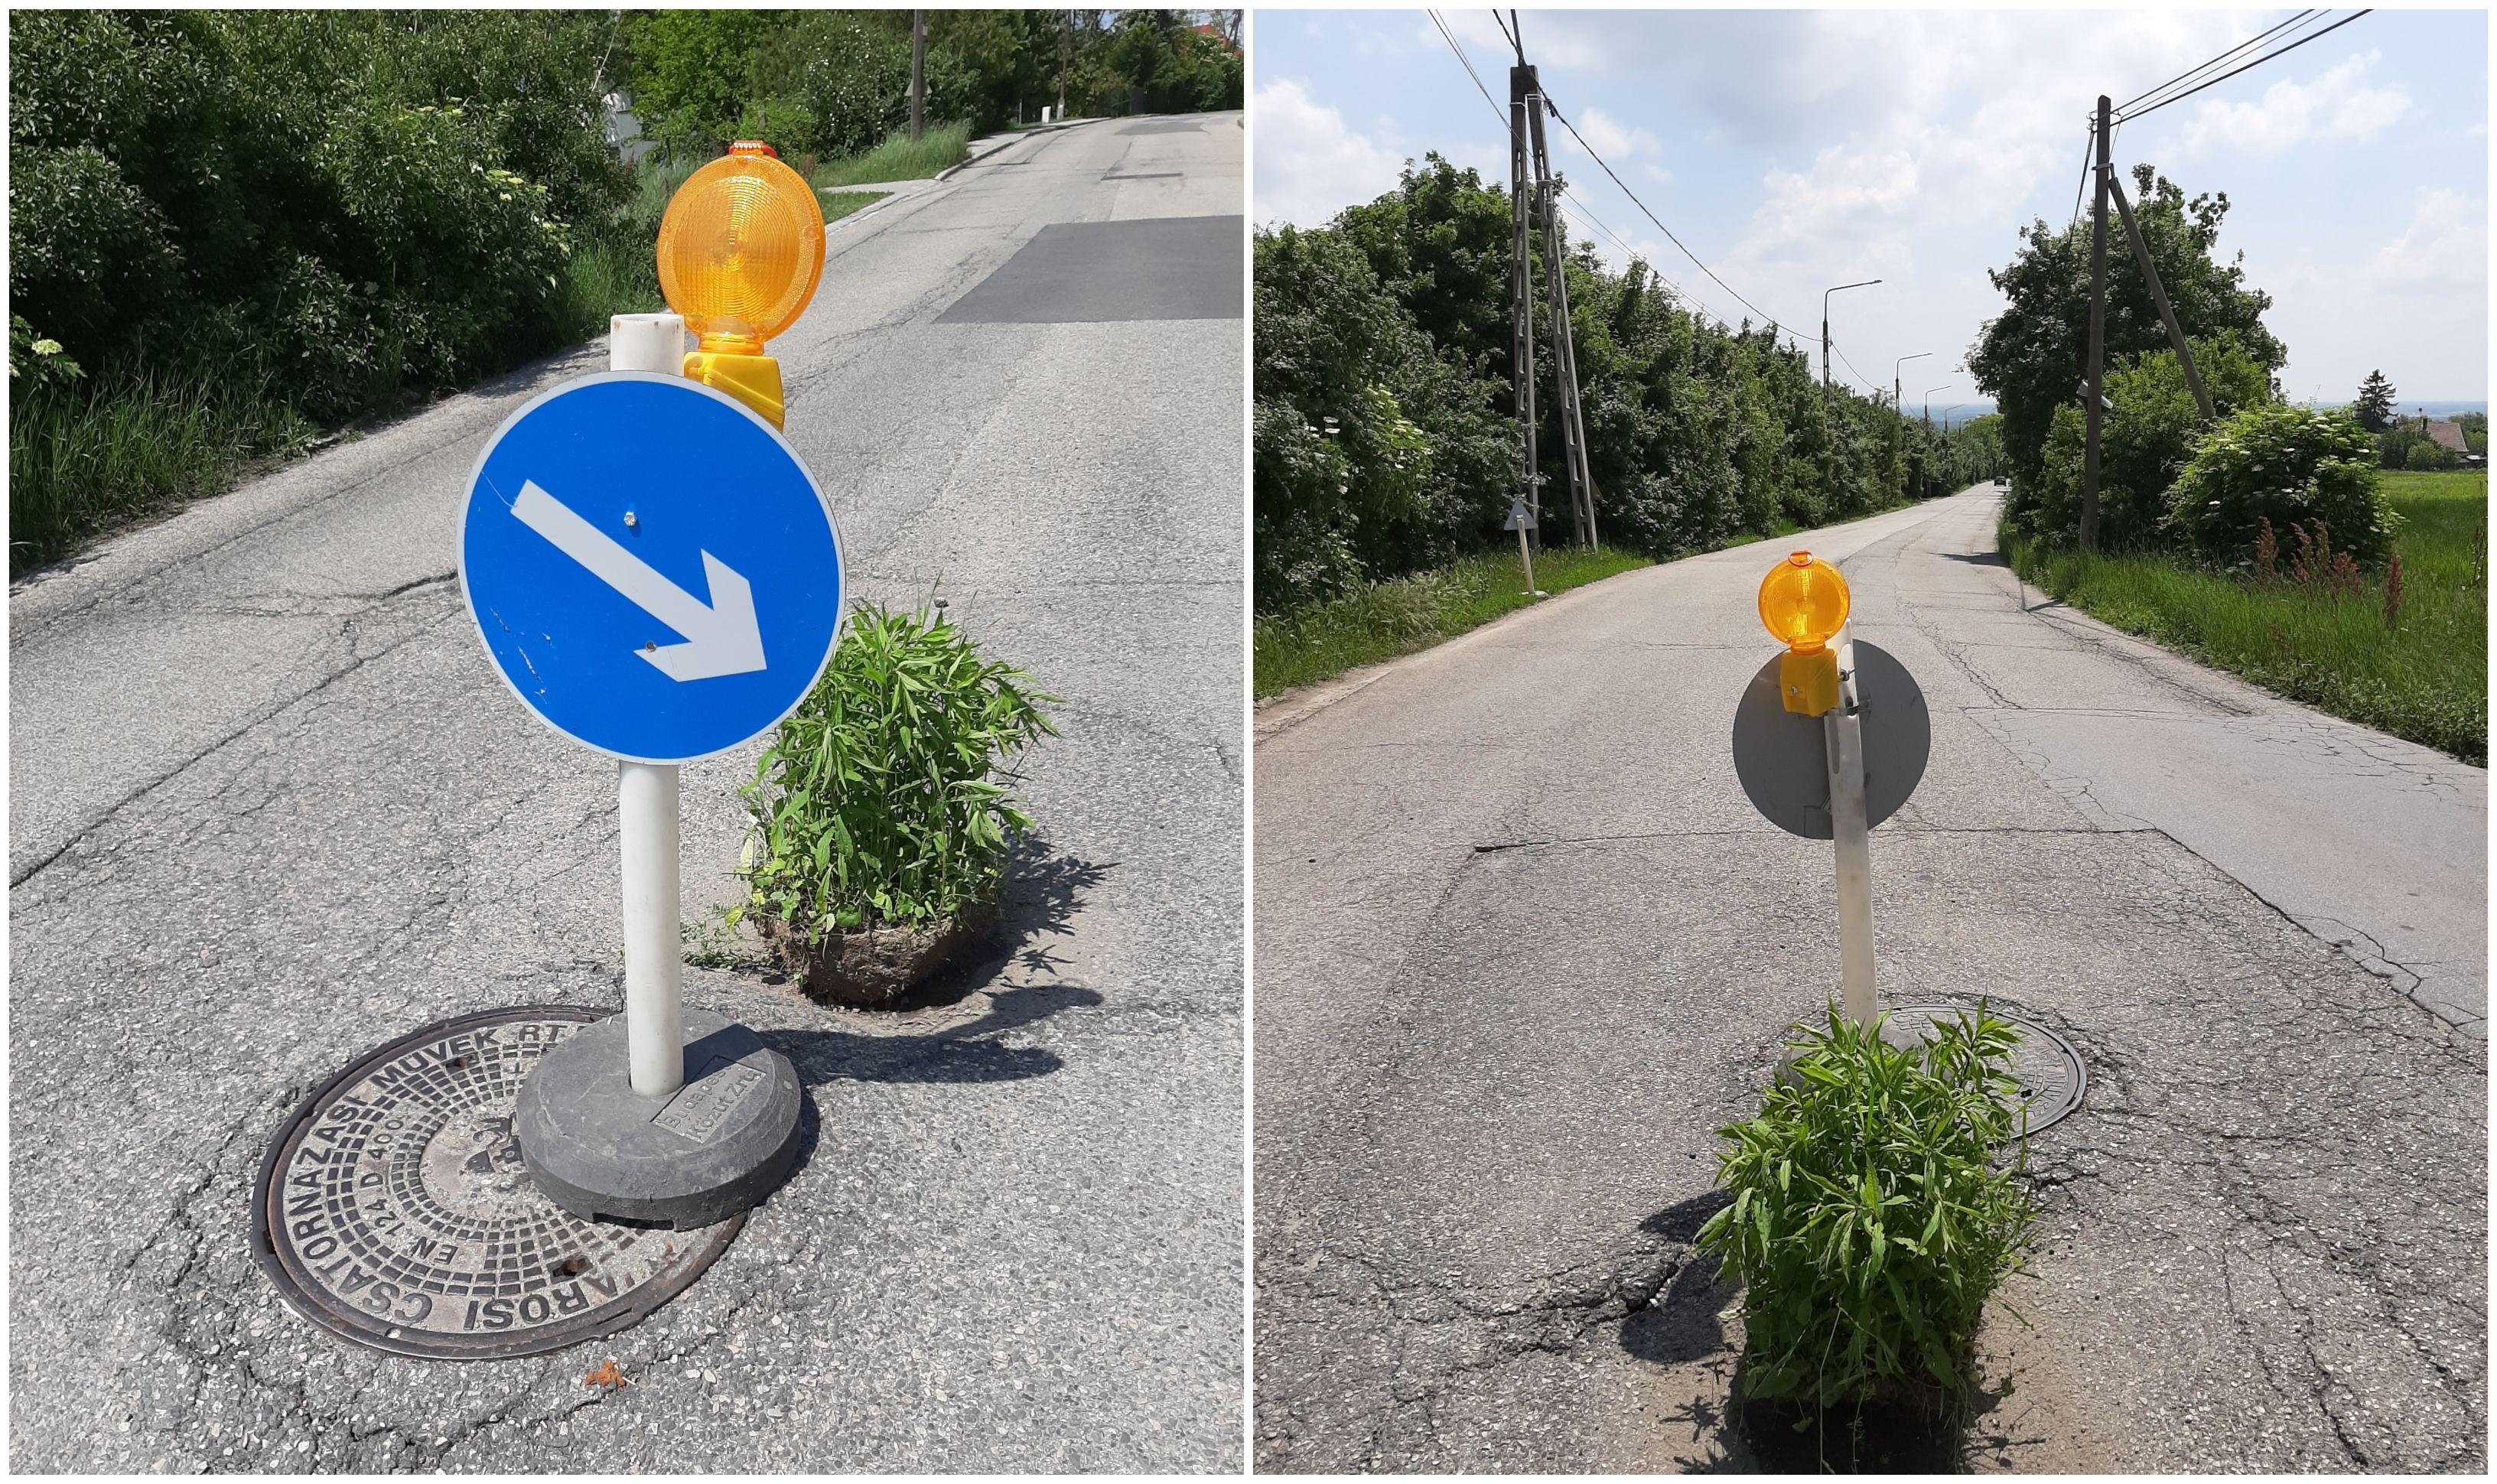 Valaki kiskert létesítésébe kezdett egy budapesti út közepén